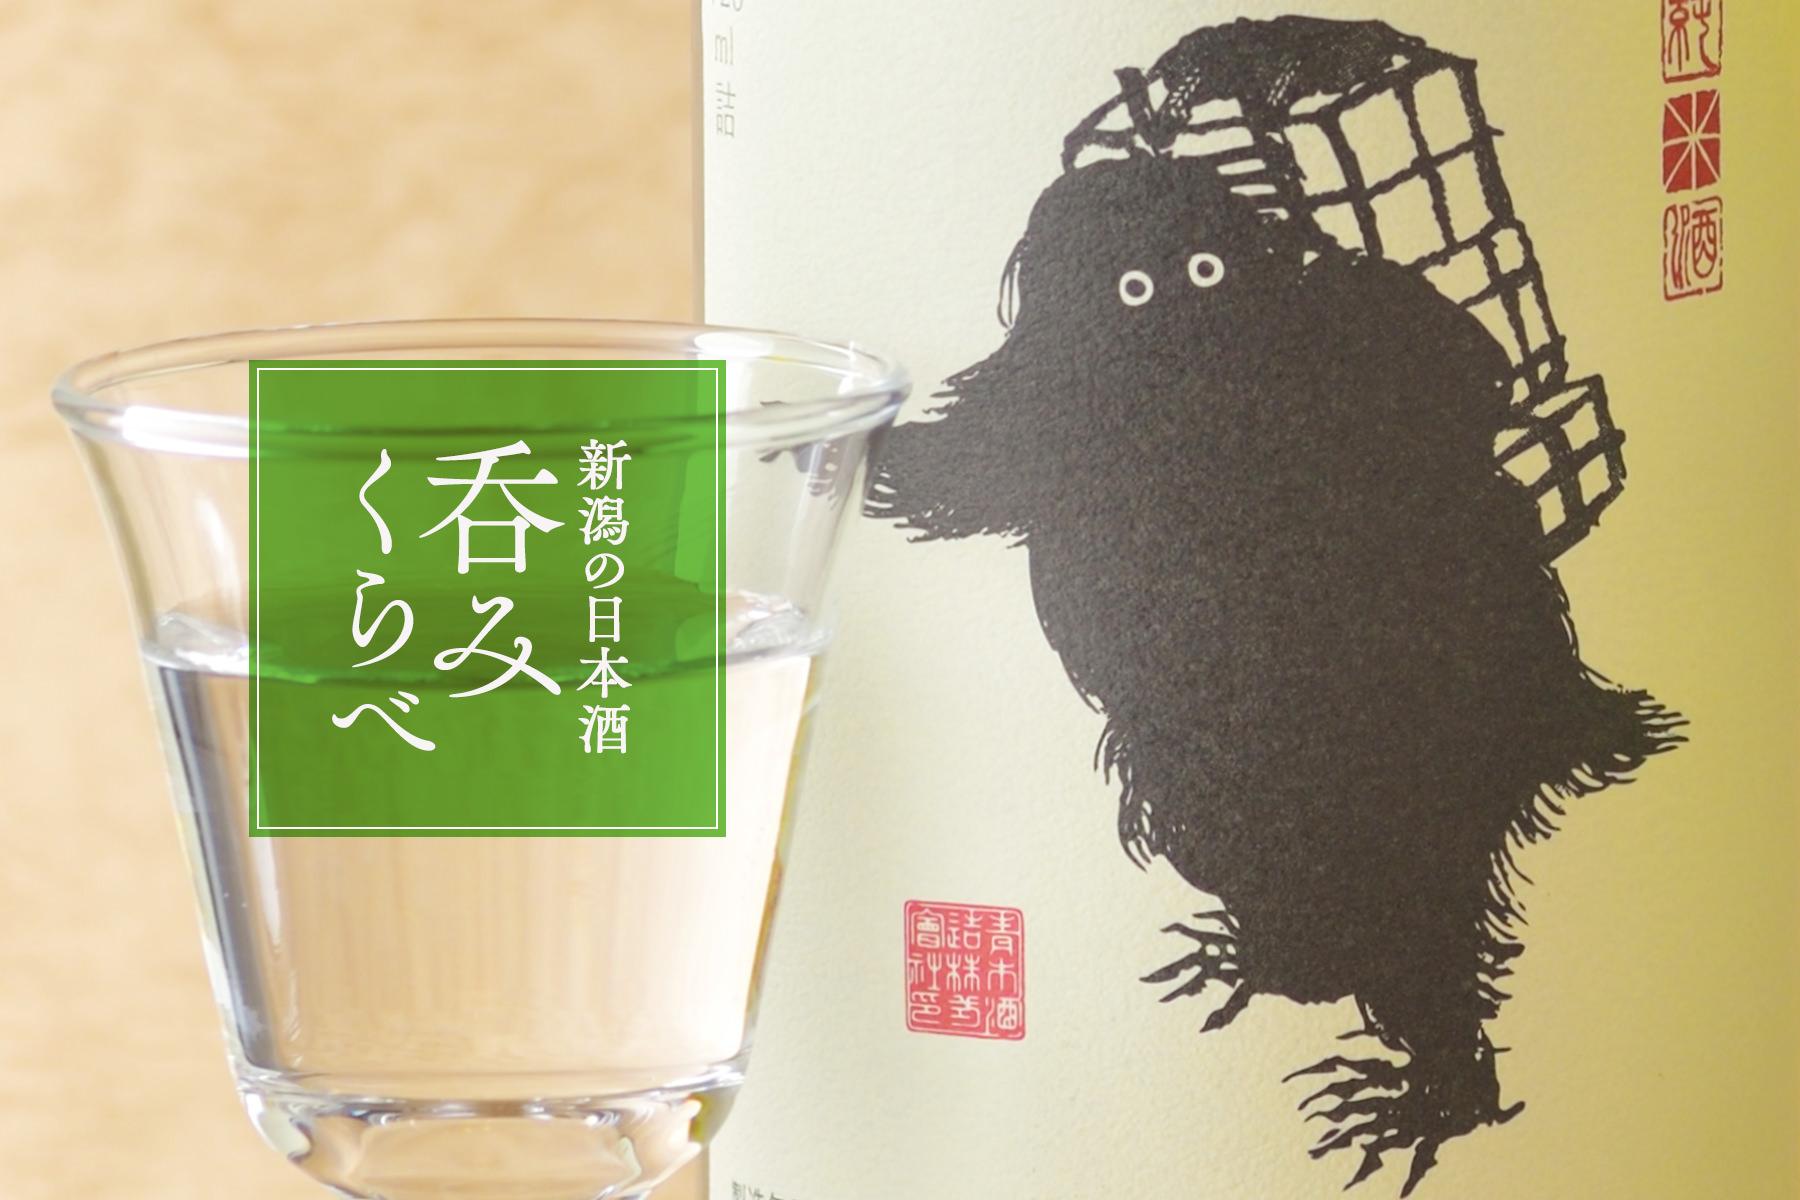 新潟の日本酒 呑みくらべ